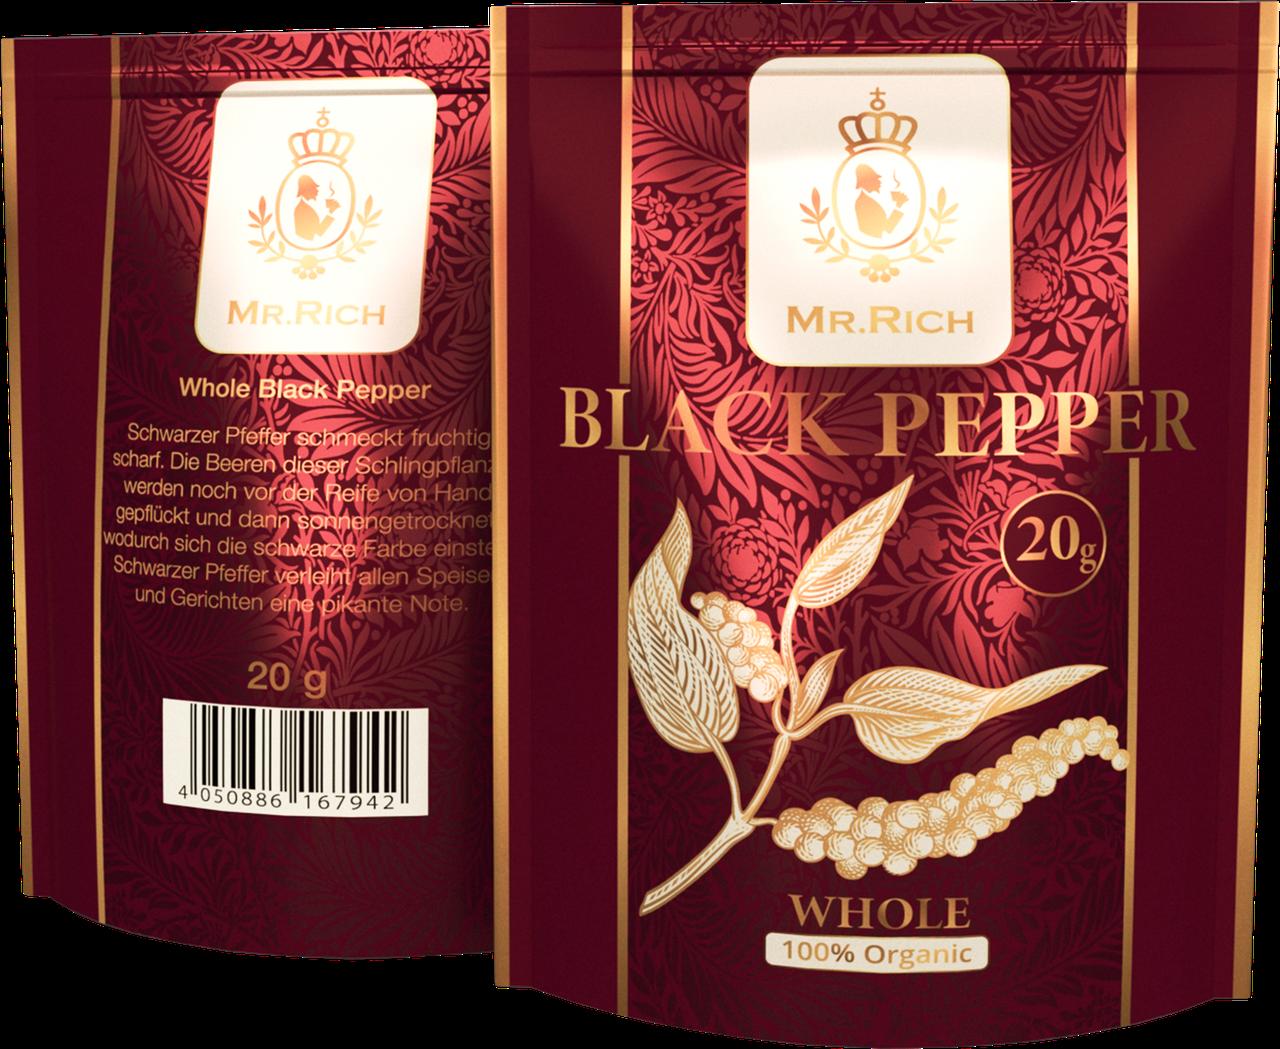 Mr.Rich Whole Black Pepper 20 г. горошком